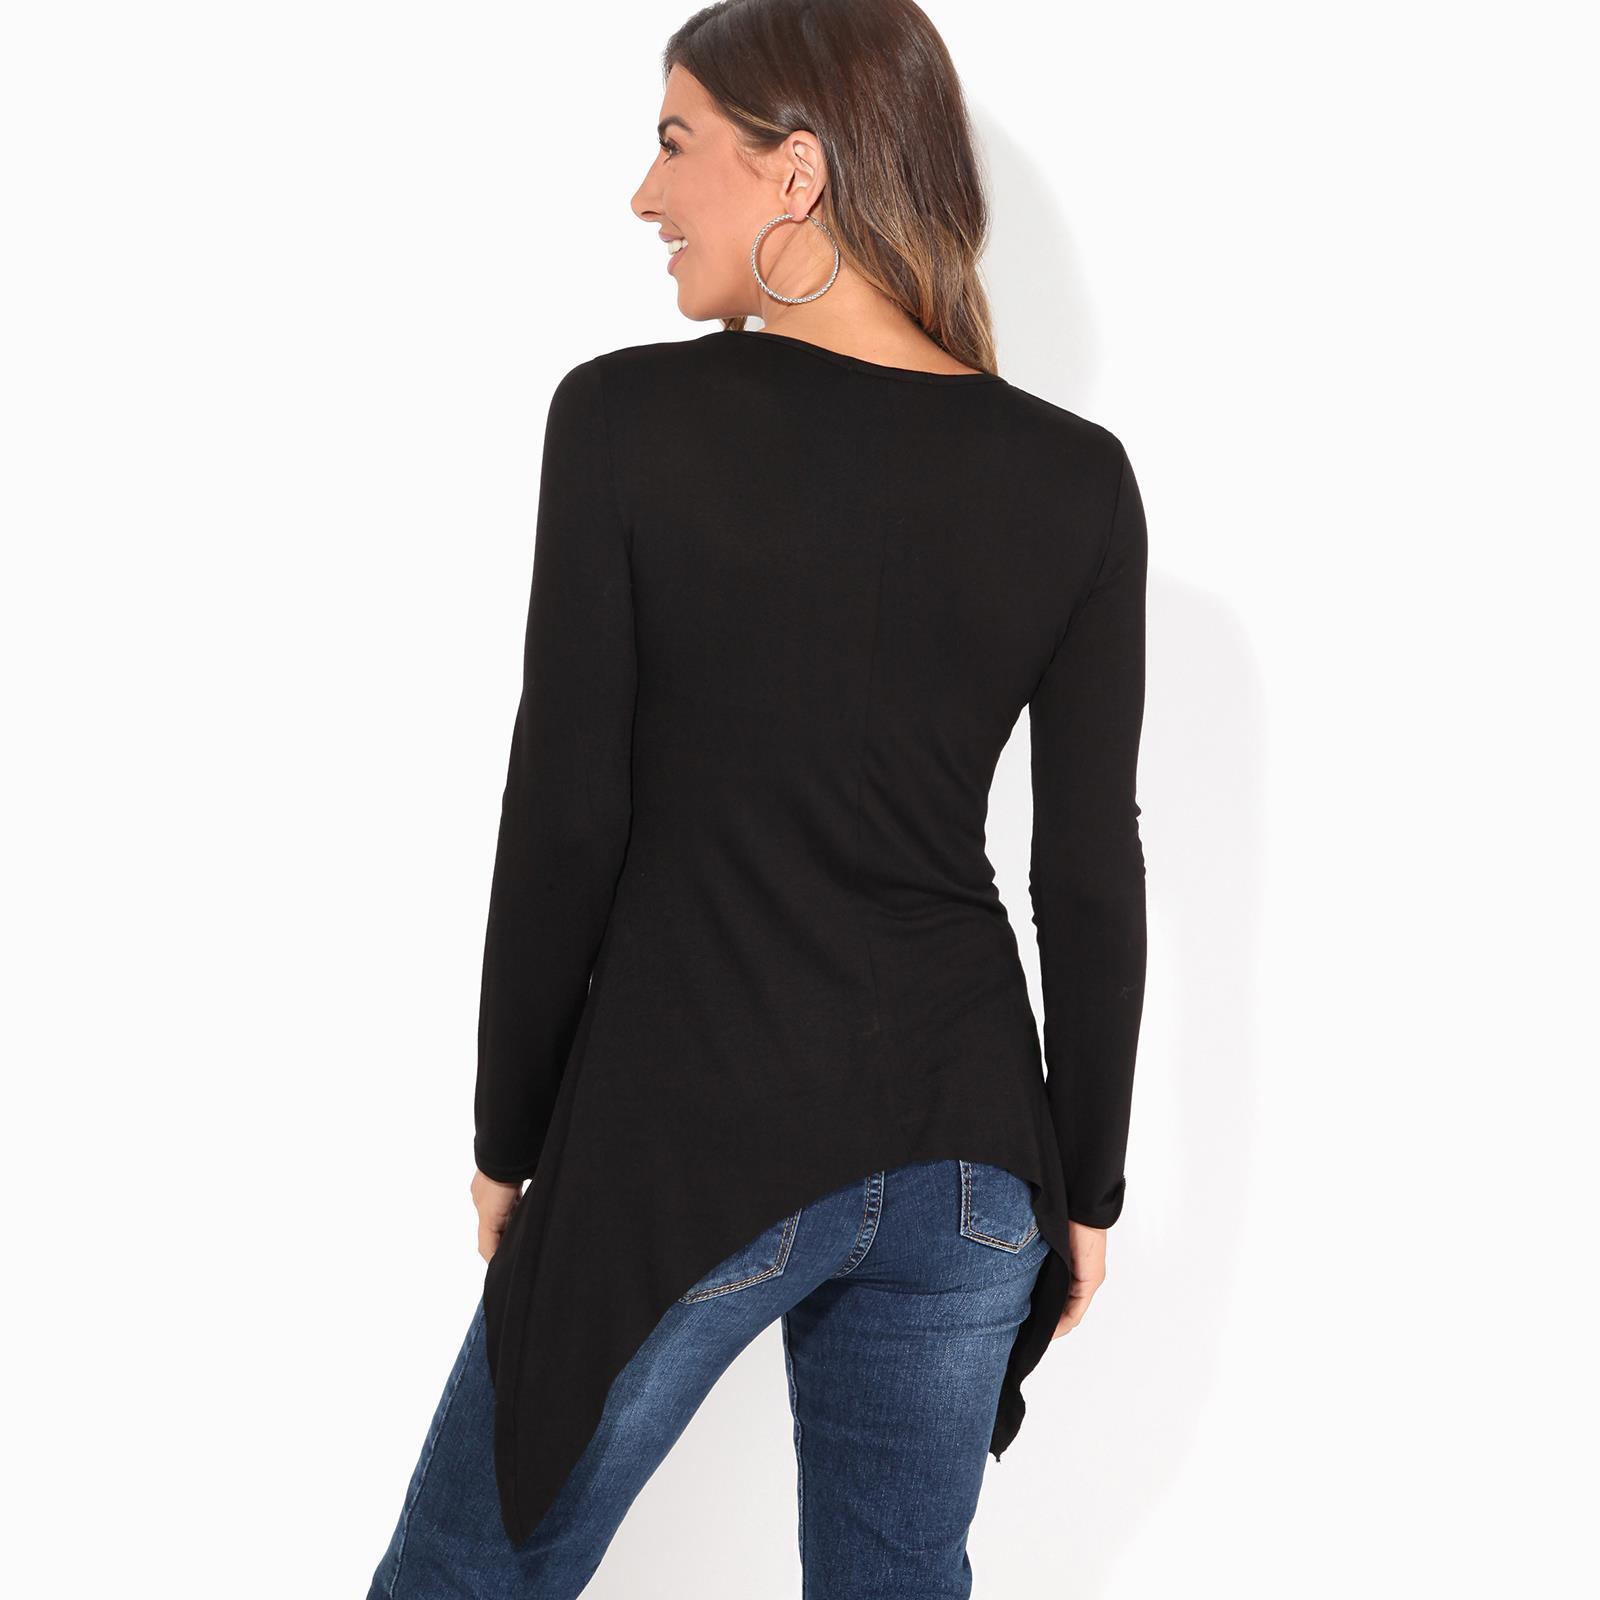 Femmes-Robe-Tunique-Blouse-Chemisier-Top-Asymetrique-Manche-Longue-Loose miniature 9